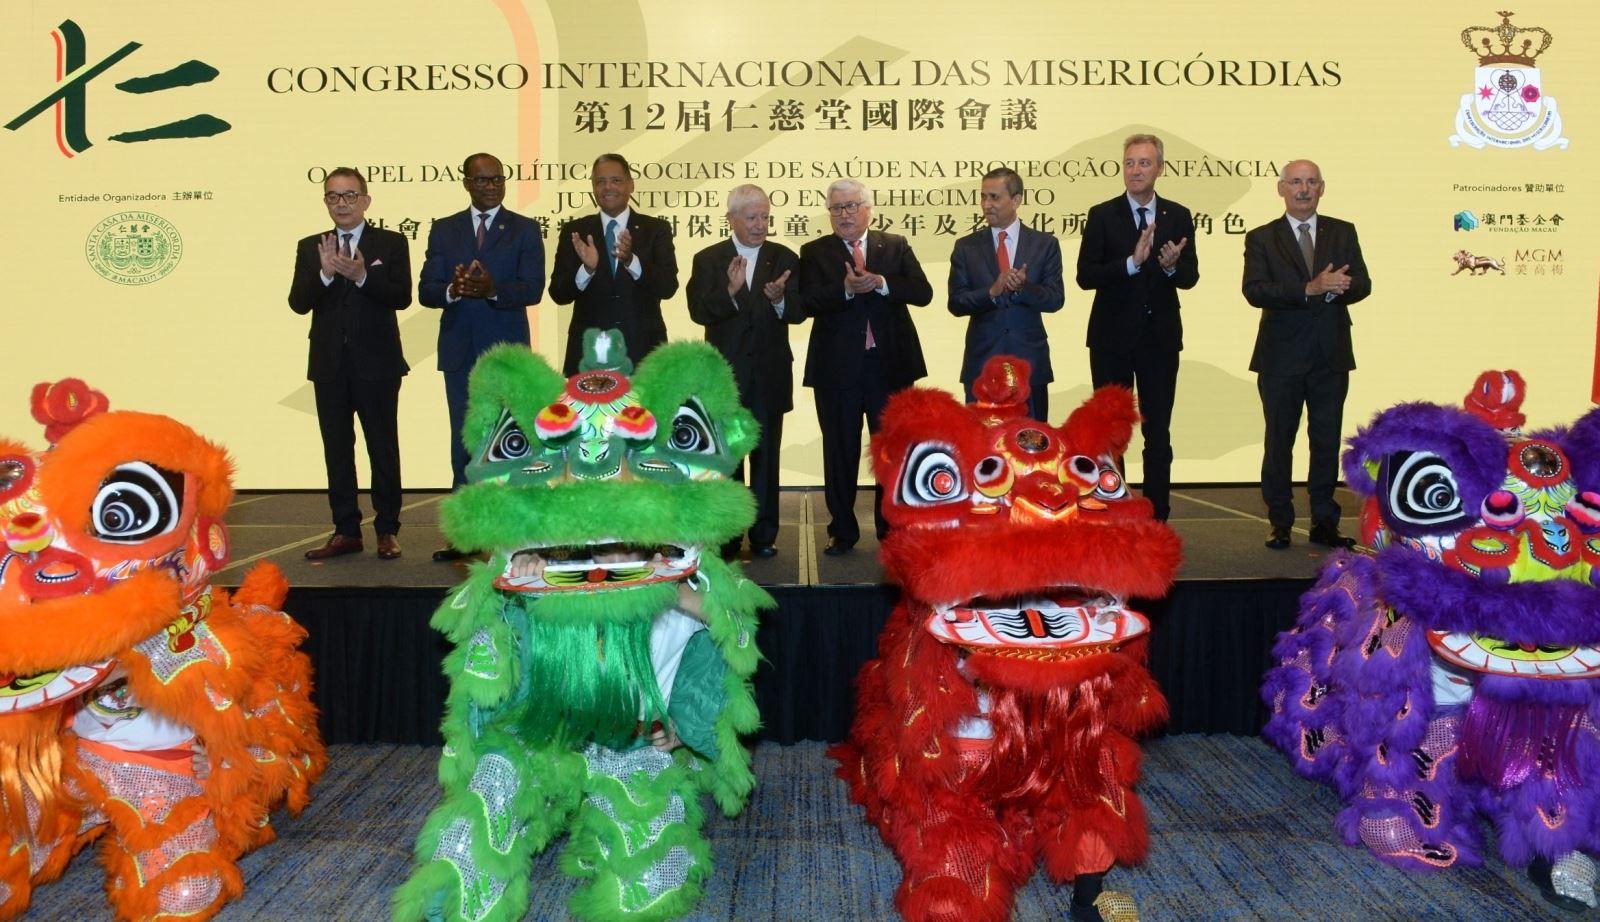 12º Congresso Internacional das Misericórdias em destaque no VM